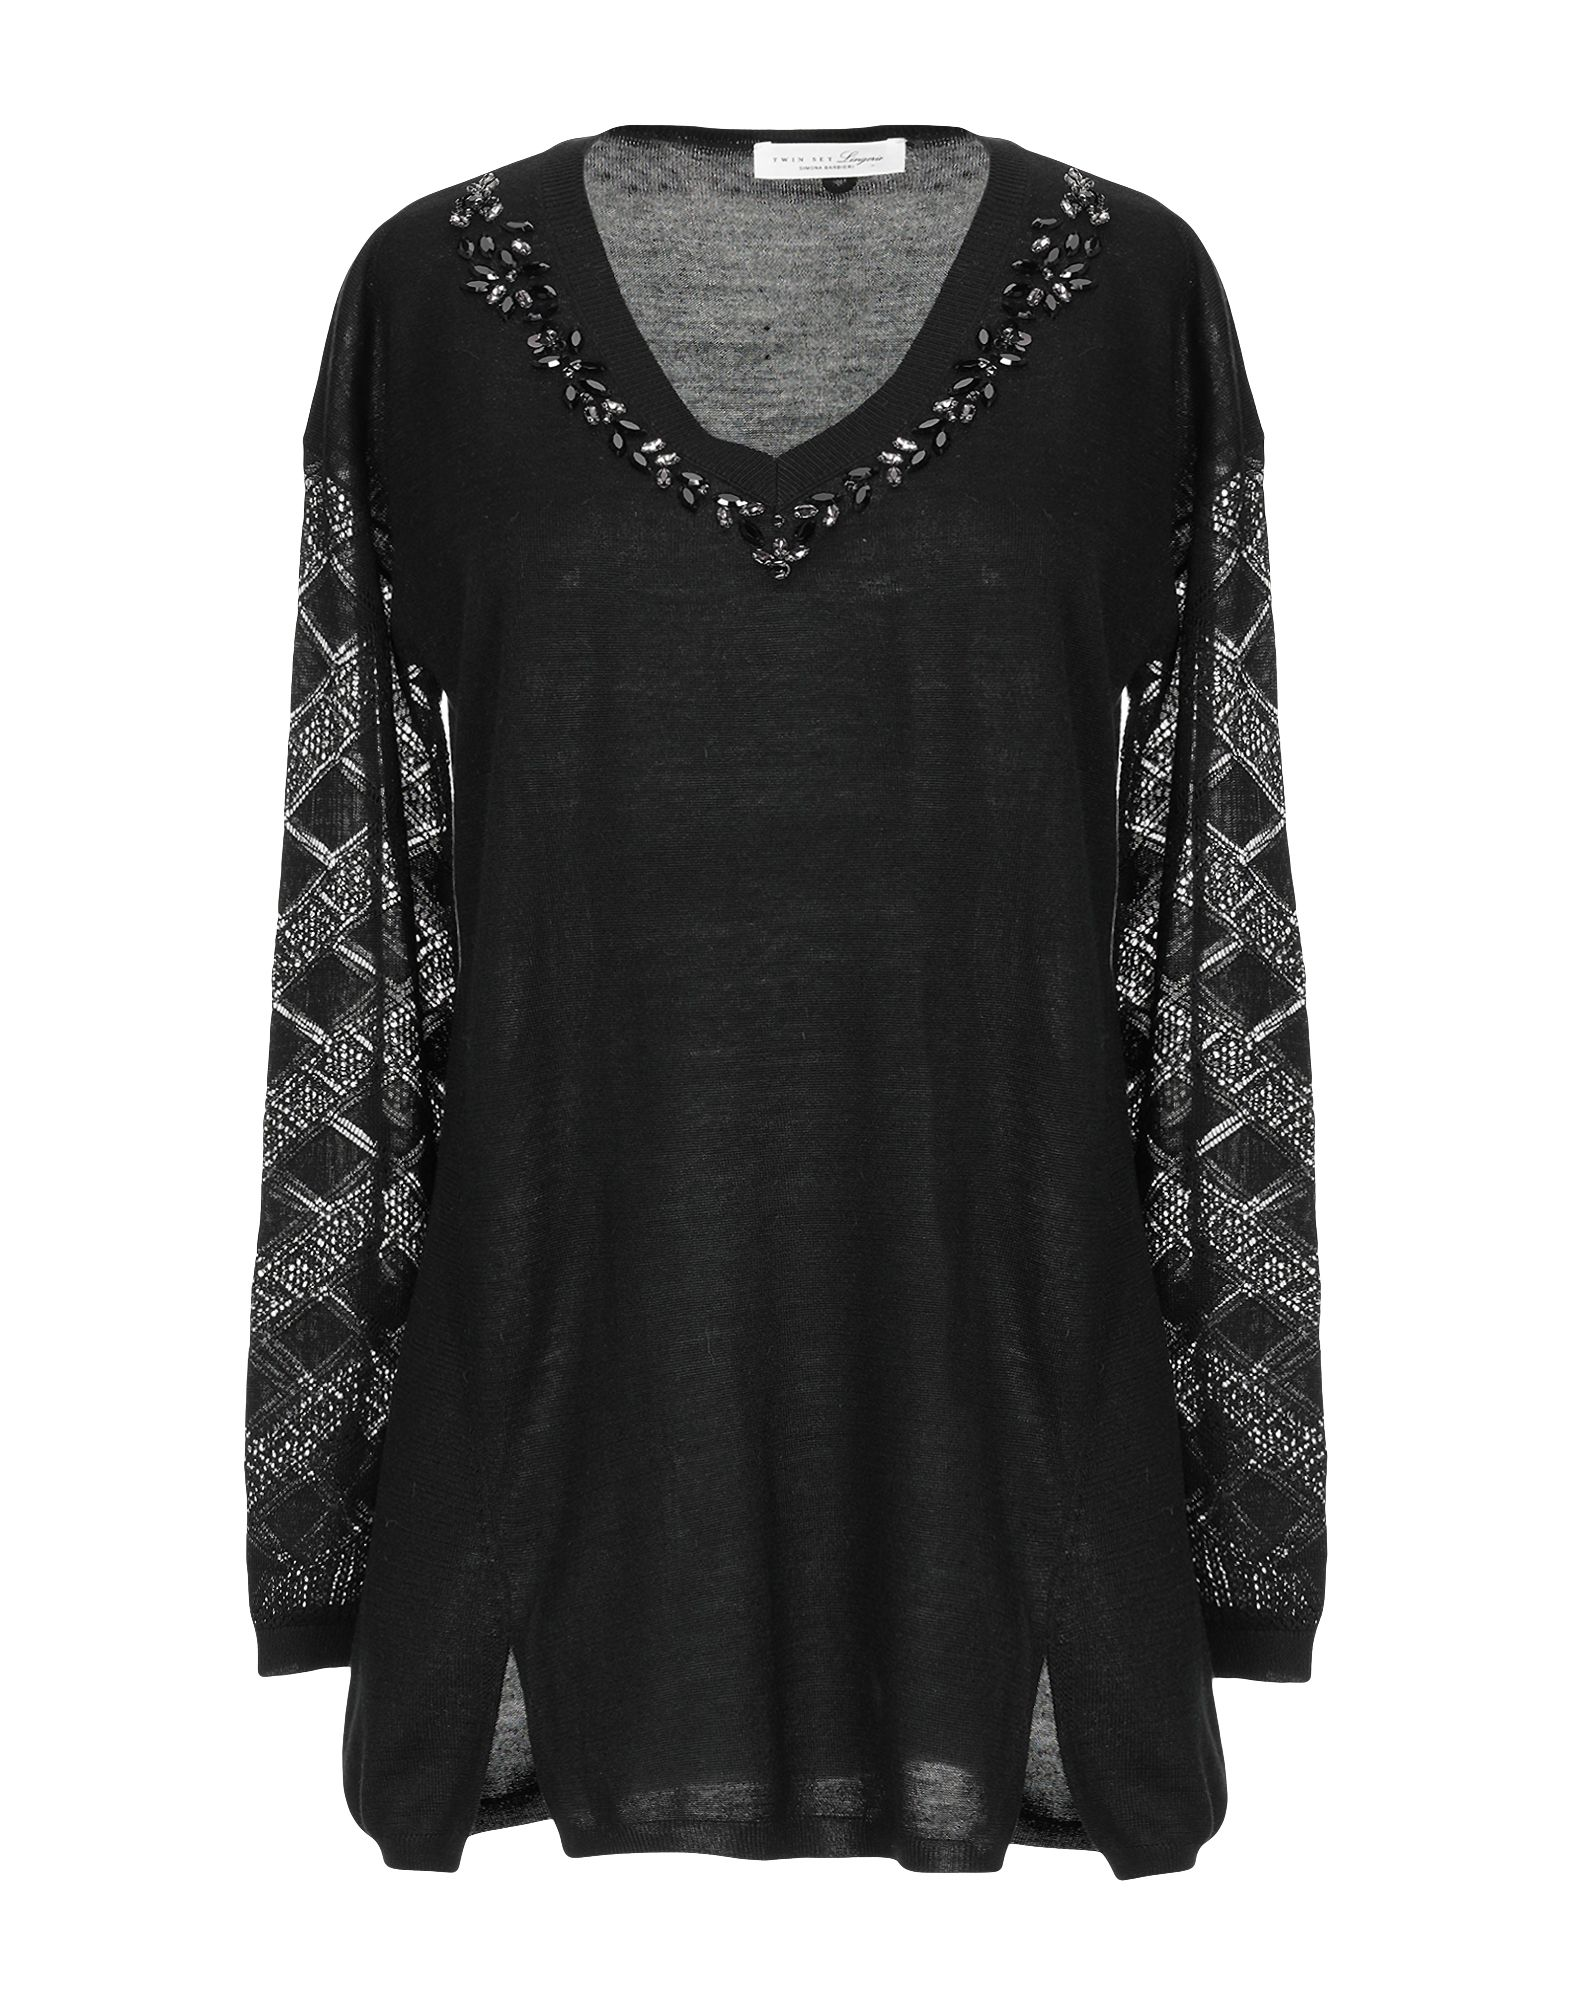 TWIN-SET LINGERIE Свитер black sexy v neck lace up design cut out lingerie set